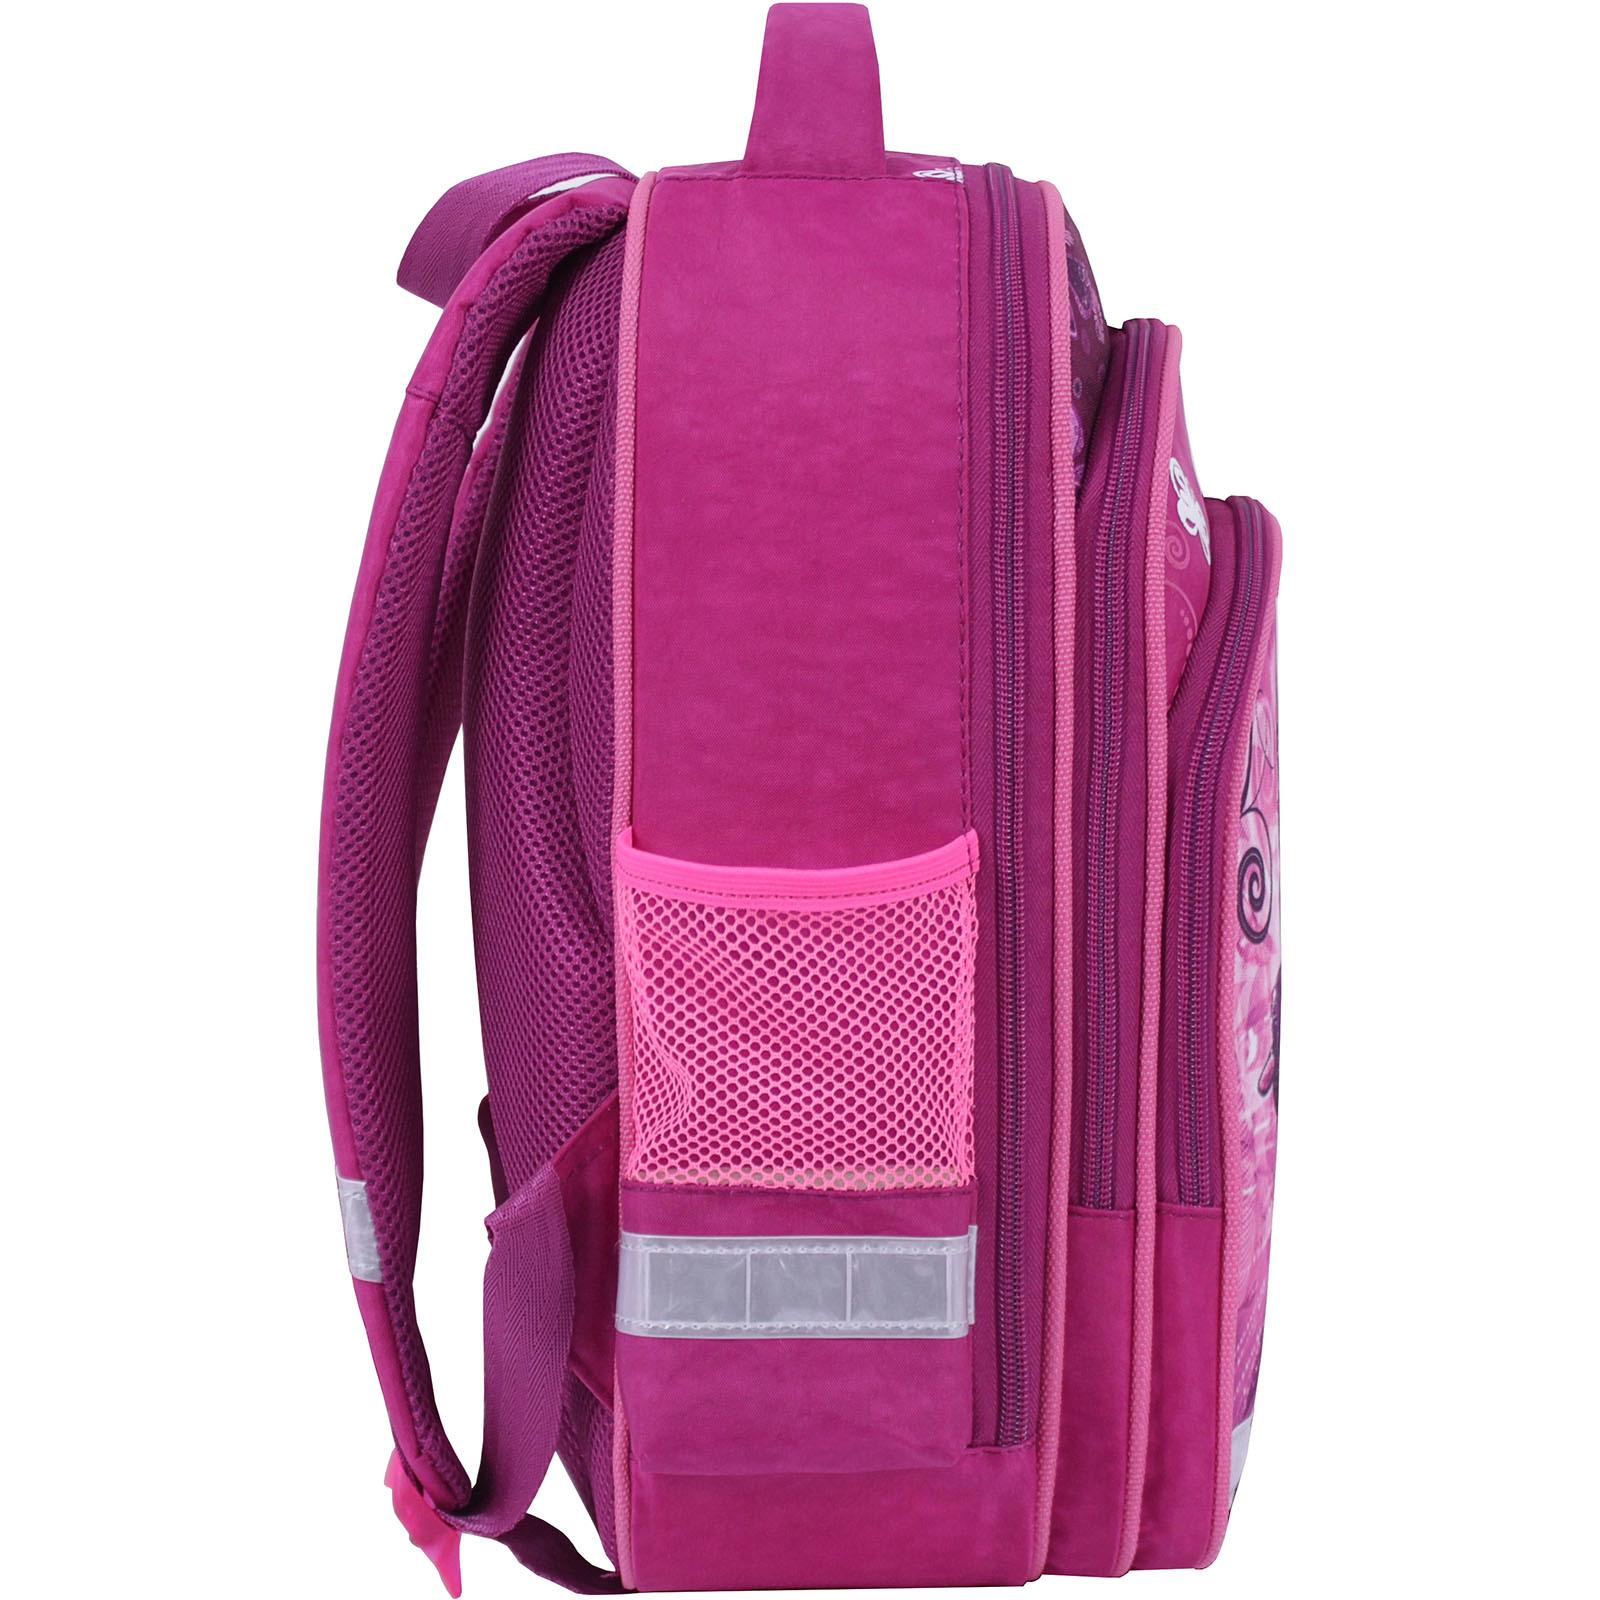 Рюкзак школьный Bagland Mouse 143 малиновый 615 (0051370)  фото 2